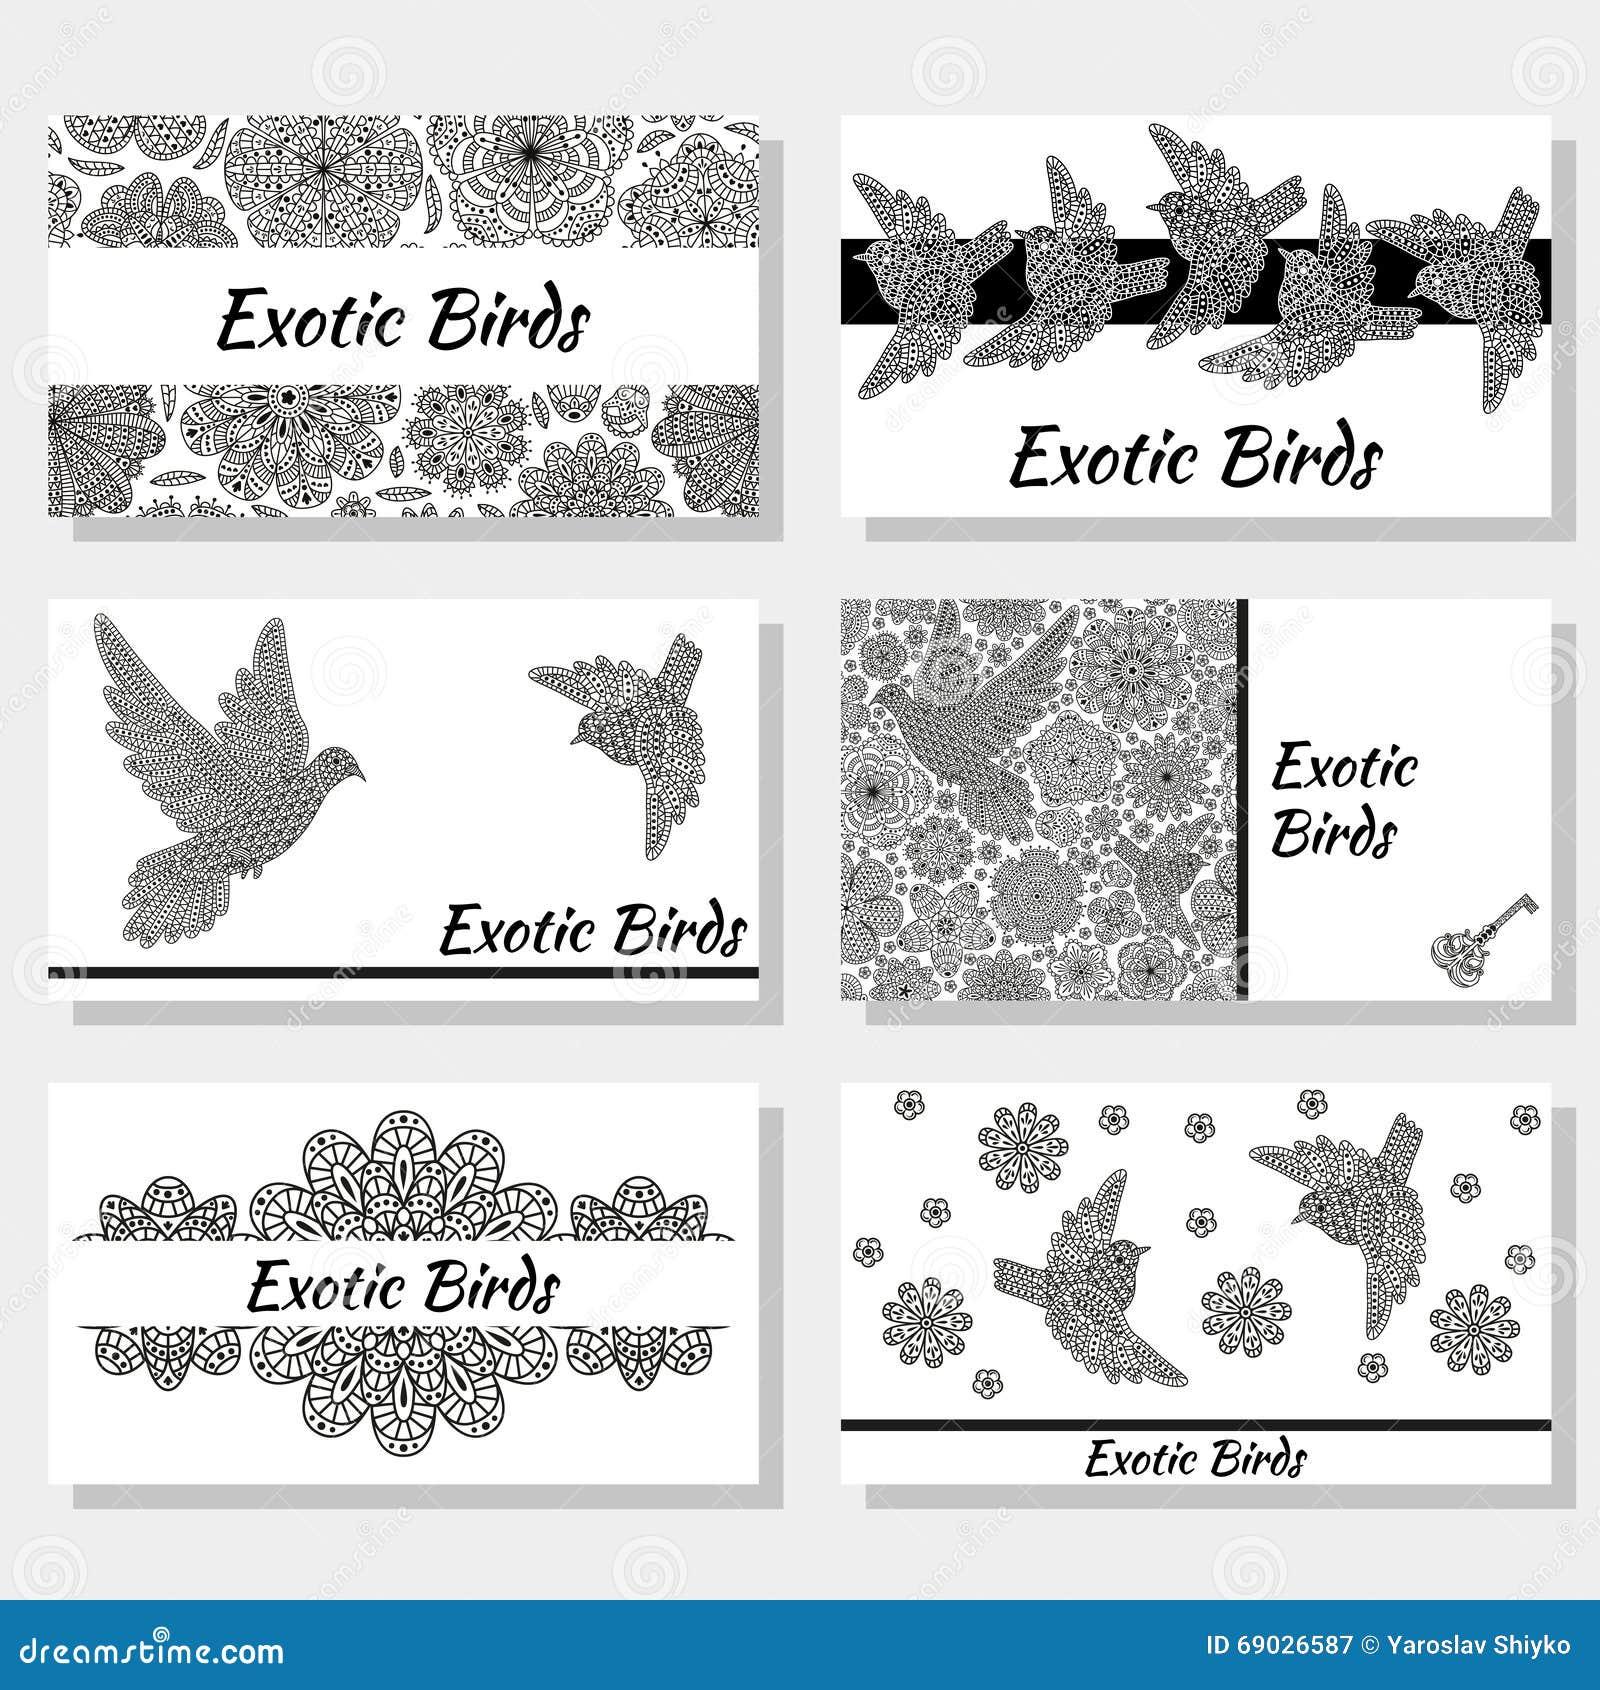 Biglietti da visita con gli uccelli ed i fiori decorativi creativi Colori in bianco e nero